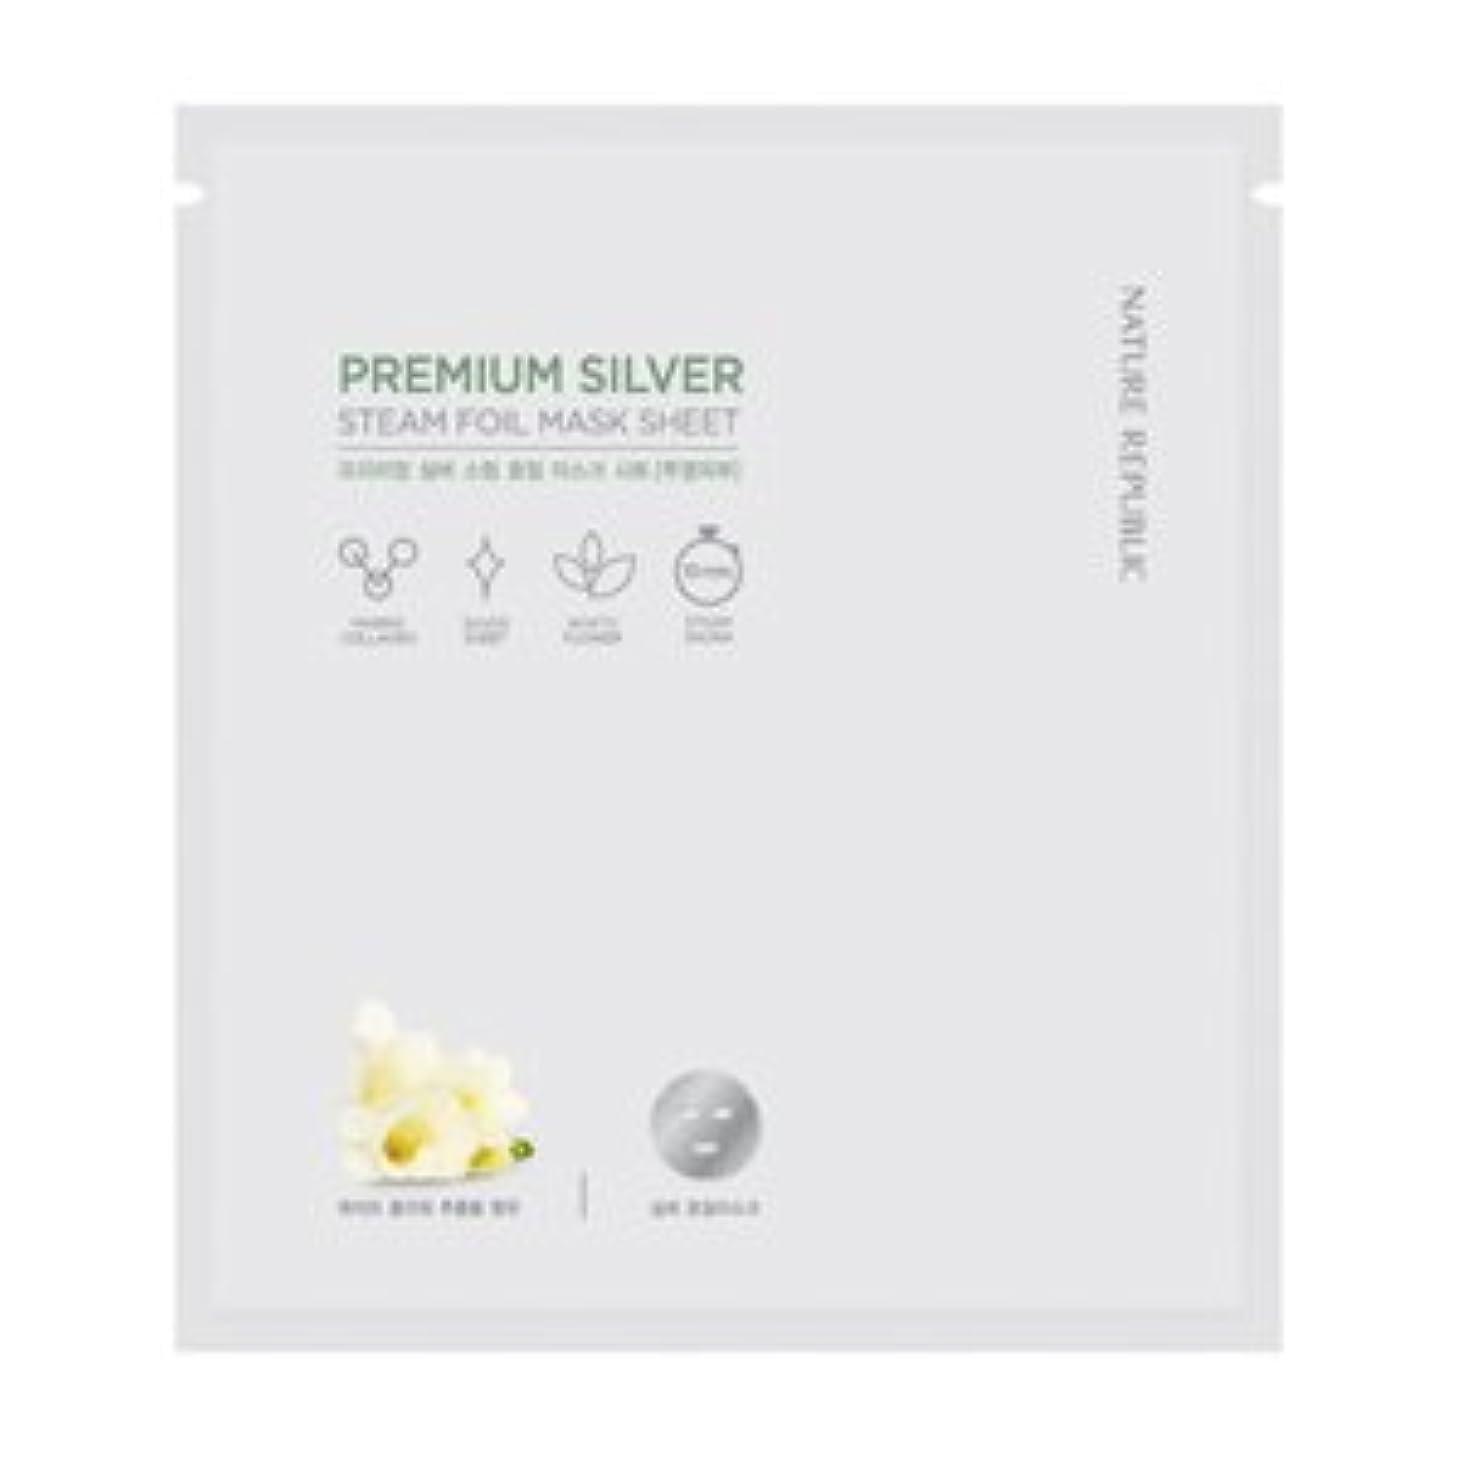 年齢マトロン厳Nature Republic Premium silver Steam Foil Mask Sheet [5ea] ネーチャーリパブリック プレミアムシルバースチームホイルマスクシート [5枚] [並行輸入品]